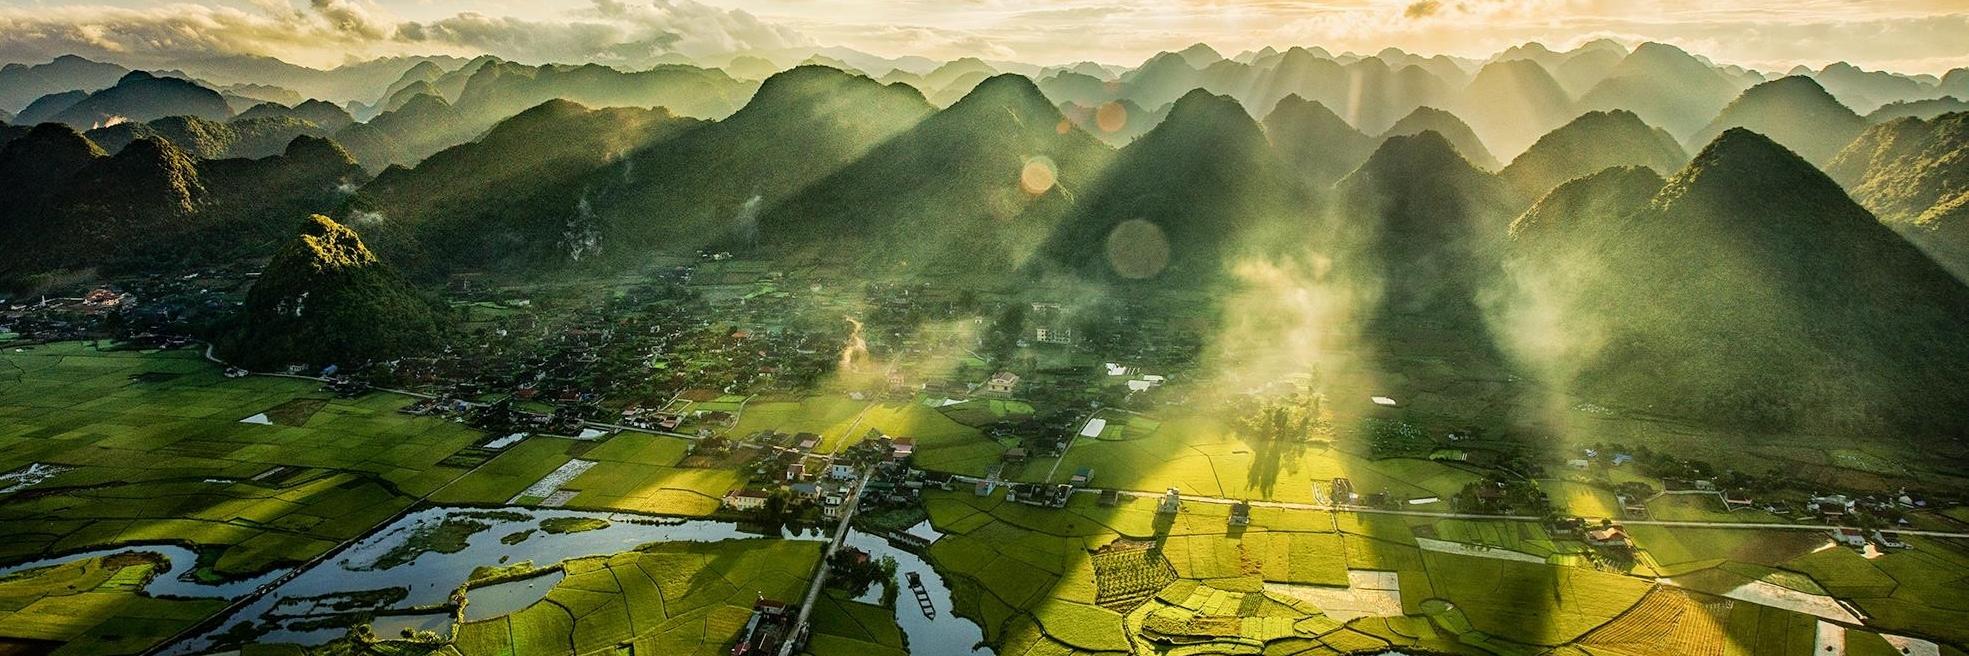 https://gody.vn/blog/vanloc7437/post/leo-dinh-na-lay-cham-tay-toi-may-troi-tai-thung-lung-vang-bac-son-4487